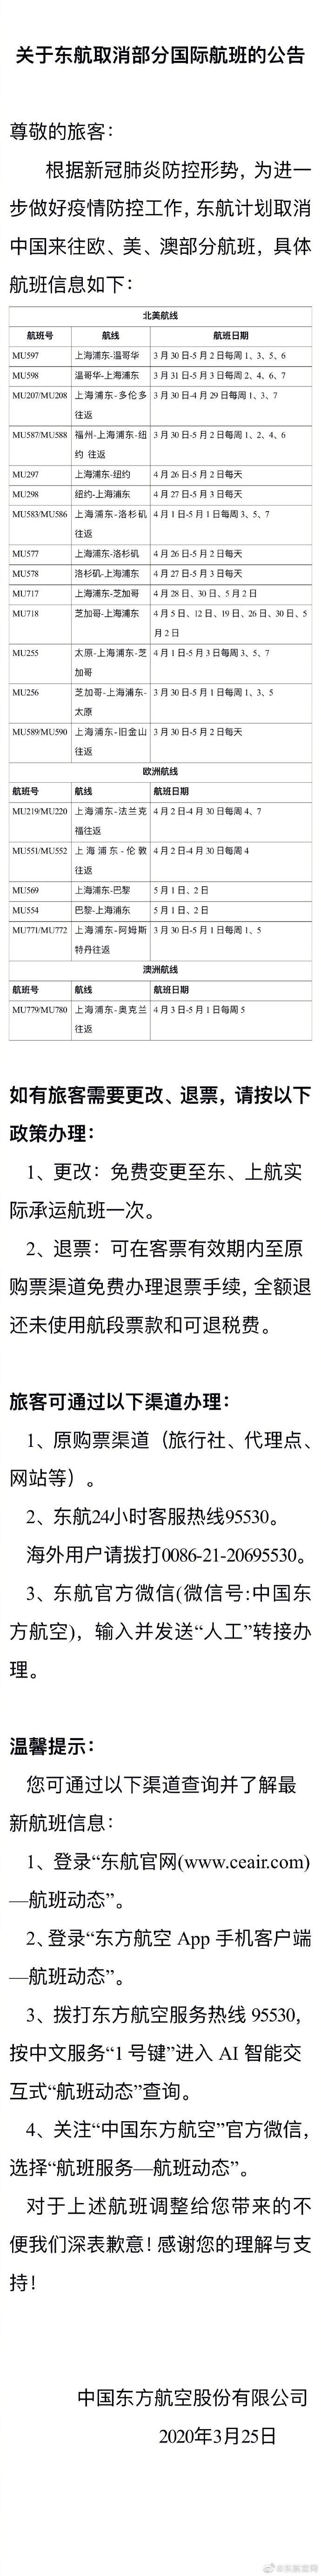 来源:东航官网